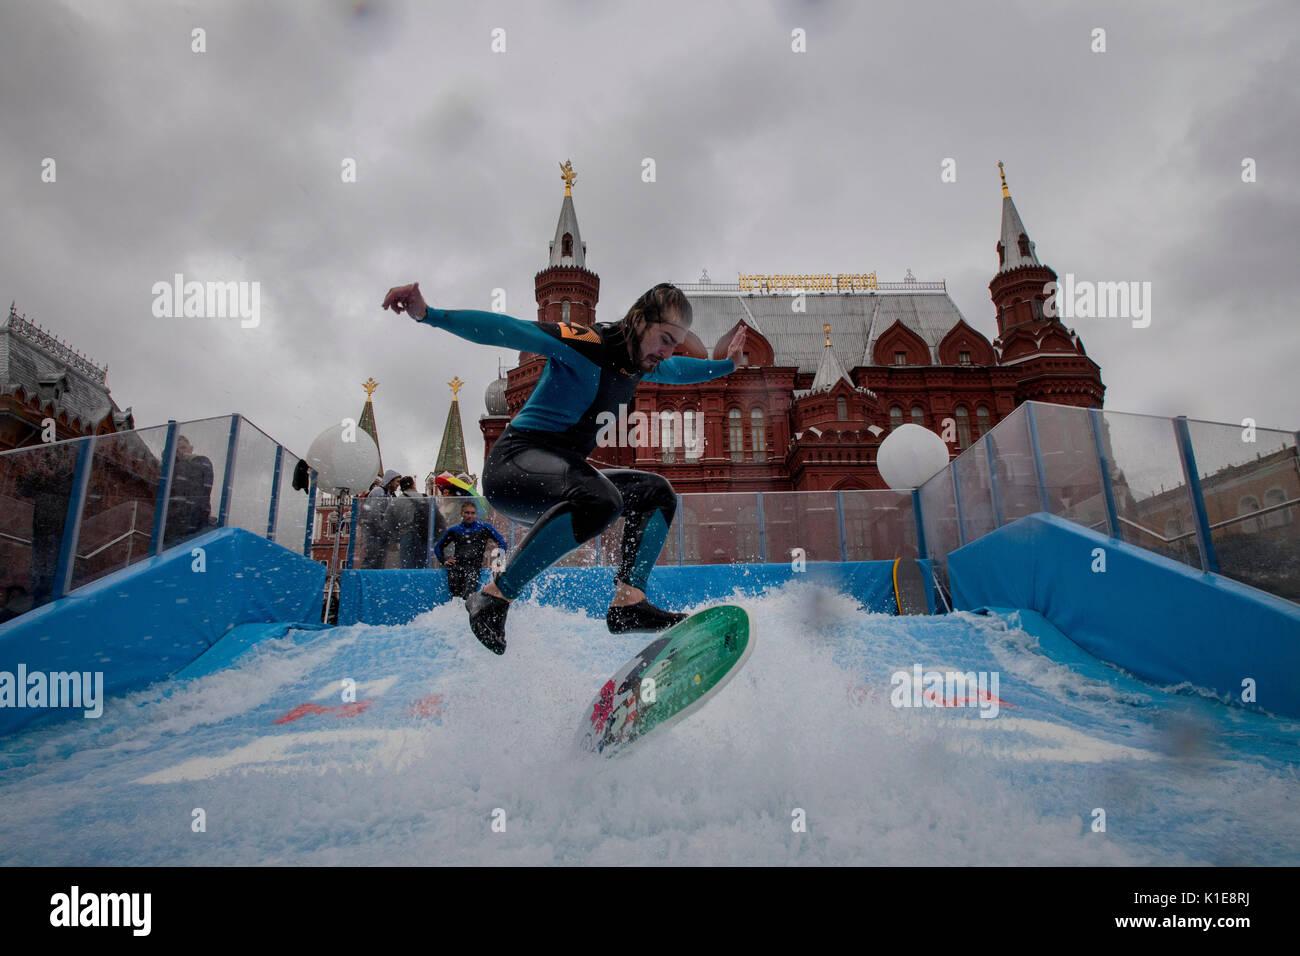 Moscou, Russie. 25 août, 2017. Un homme saute sur flowboard à l'avant de la place Rouge dans le centre de Moscou, Russie Crédit: Nikolay Vinokourov/Alamy Live News Photo Stock